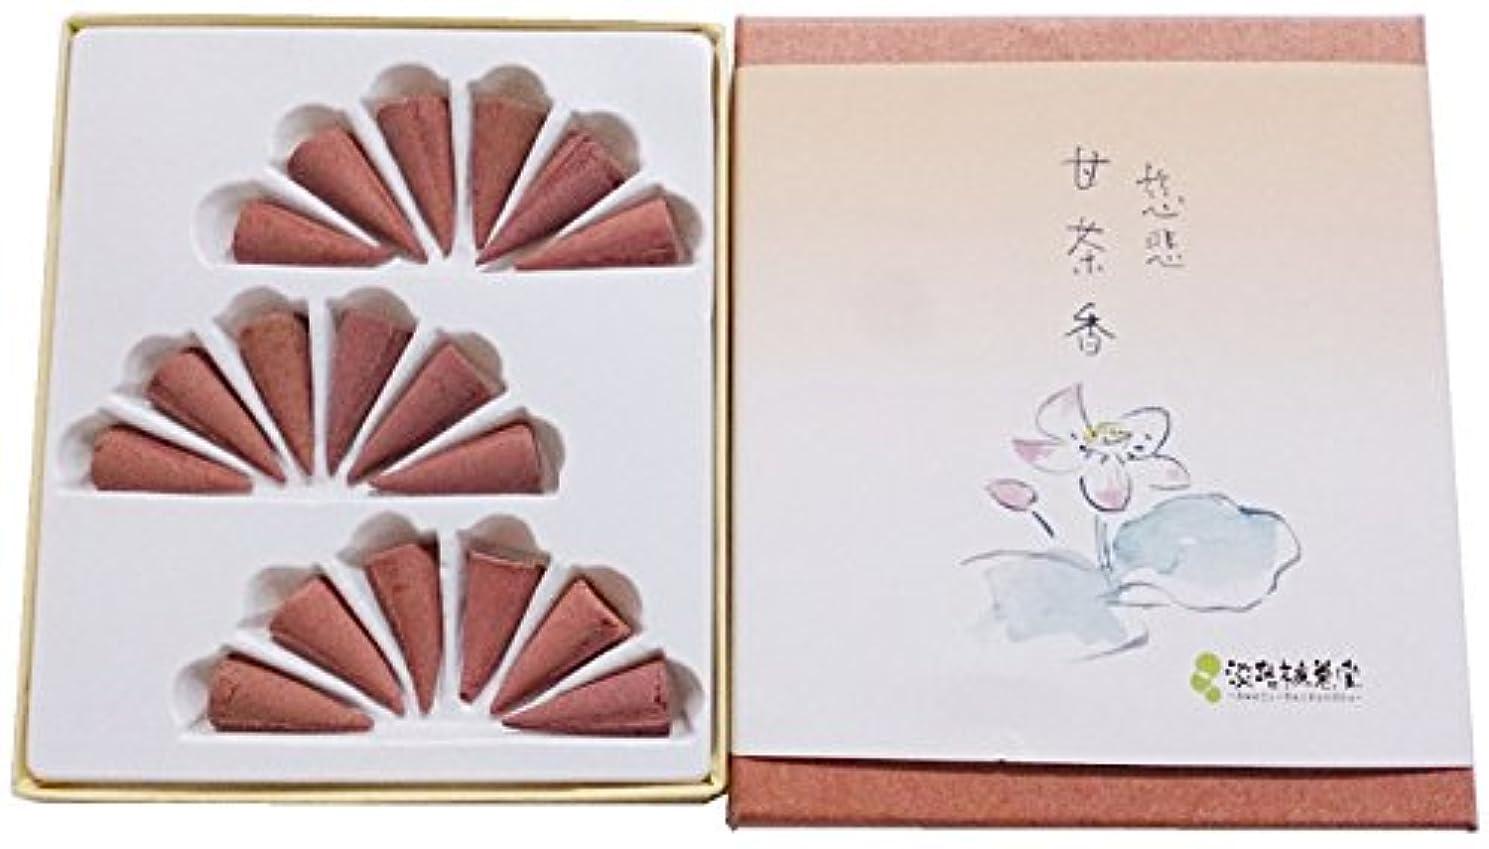 首尾一貫したディレクトリ登録する淡路梅薫堂のお香 慈悲甘茶香 コーン 18個入 #4 jihi incense cones 日本製